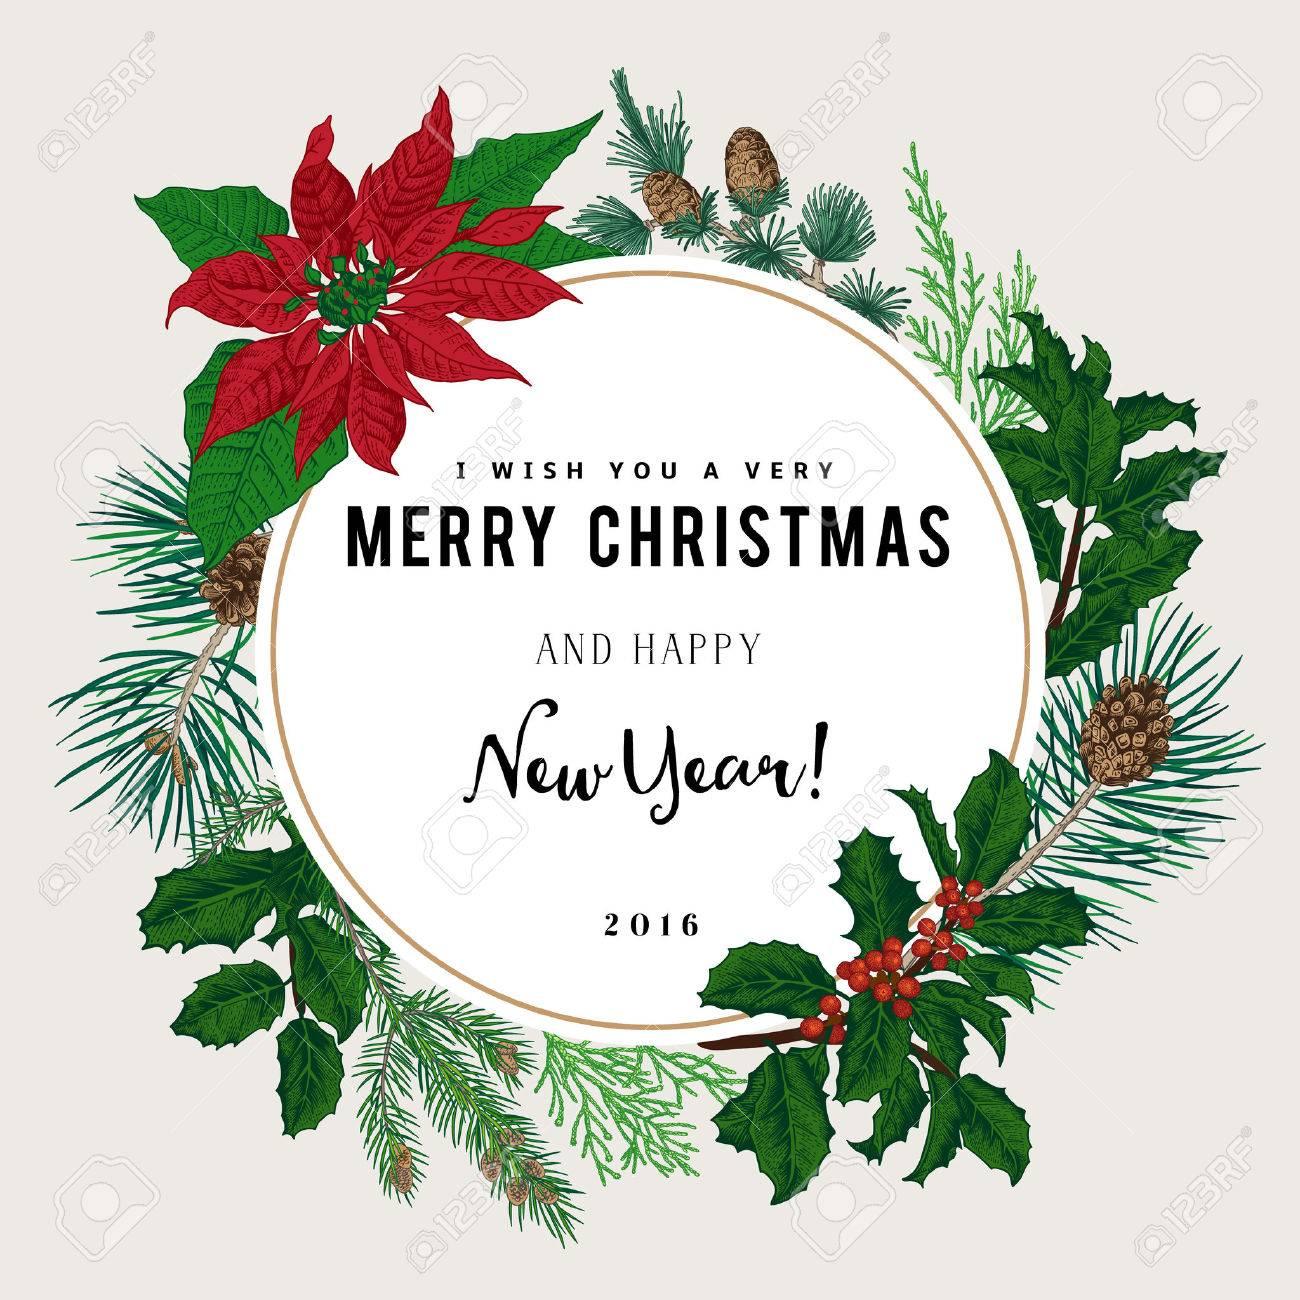 Joyeux Noel Souhaite.Vintage Carte De Vecteur Je Vous Souhaite Un Tres Joyeux Noel Et Bonne Annee La Couronne De Branches D Arbres Differents